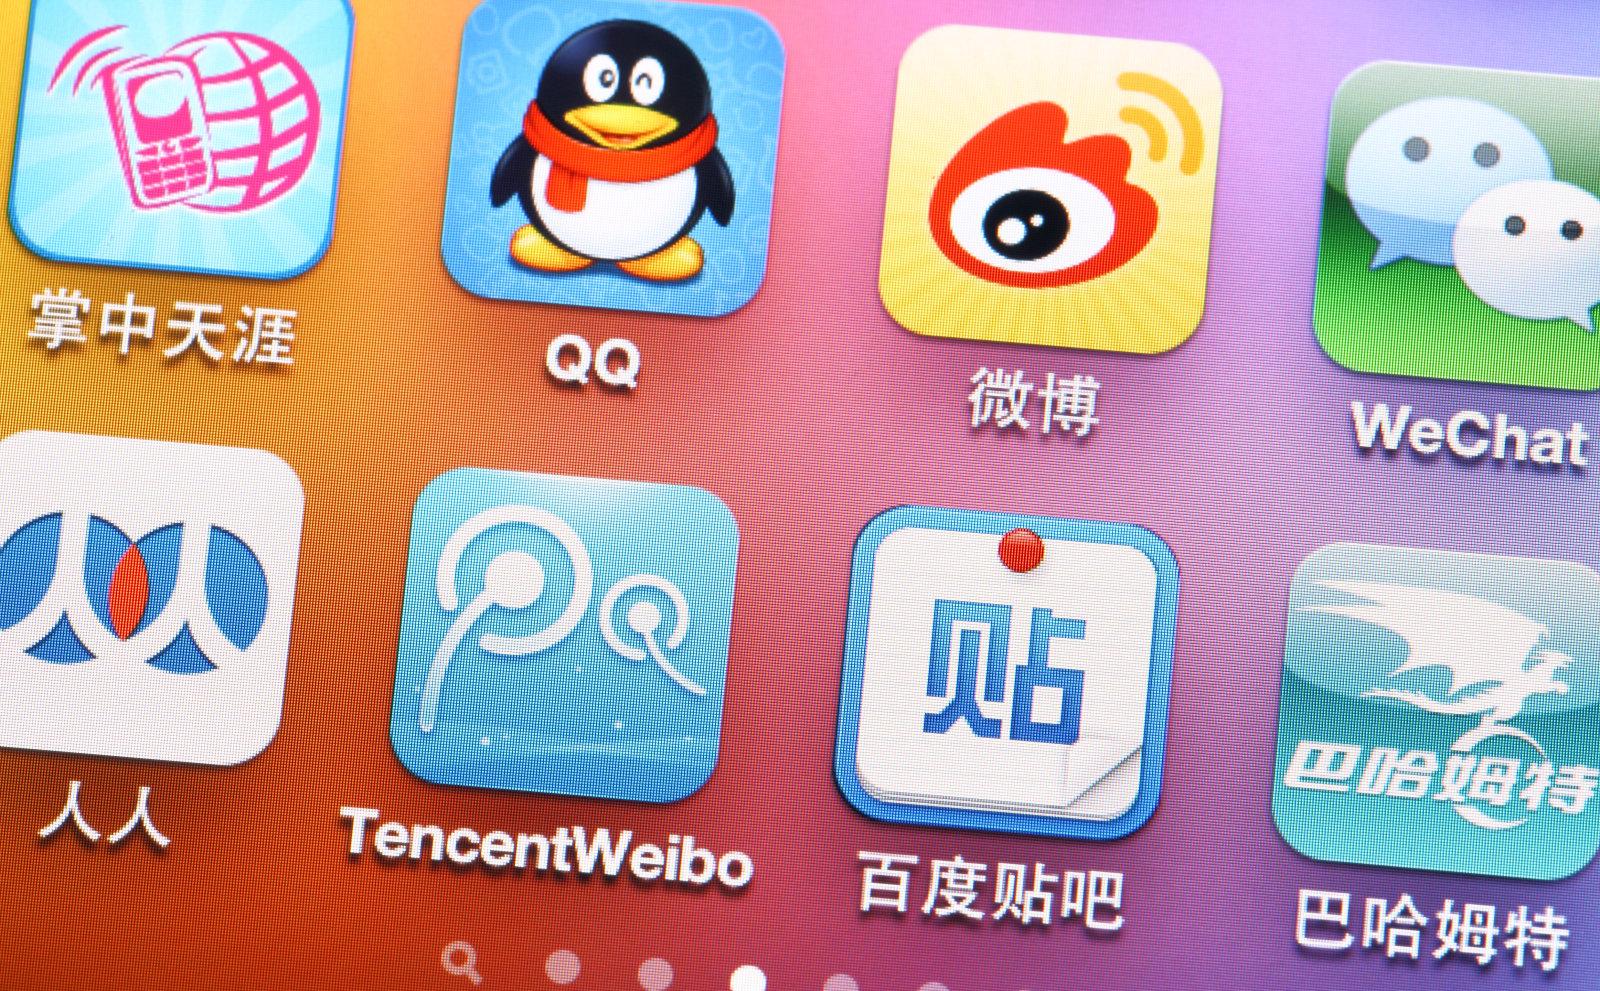 China social media mobile app